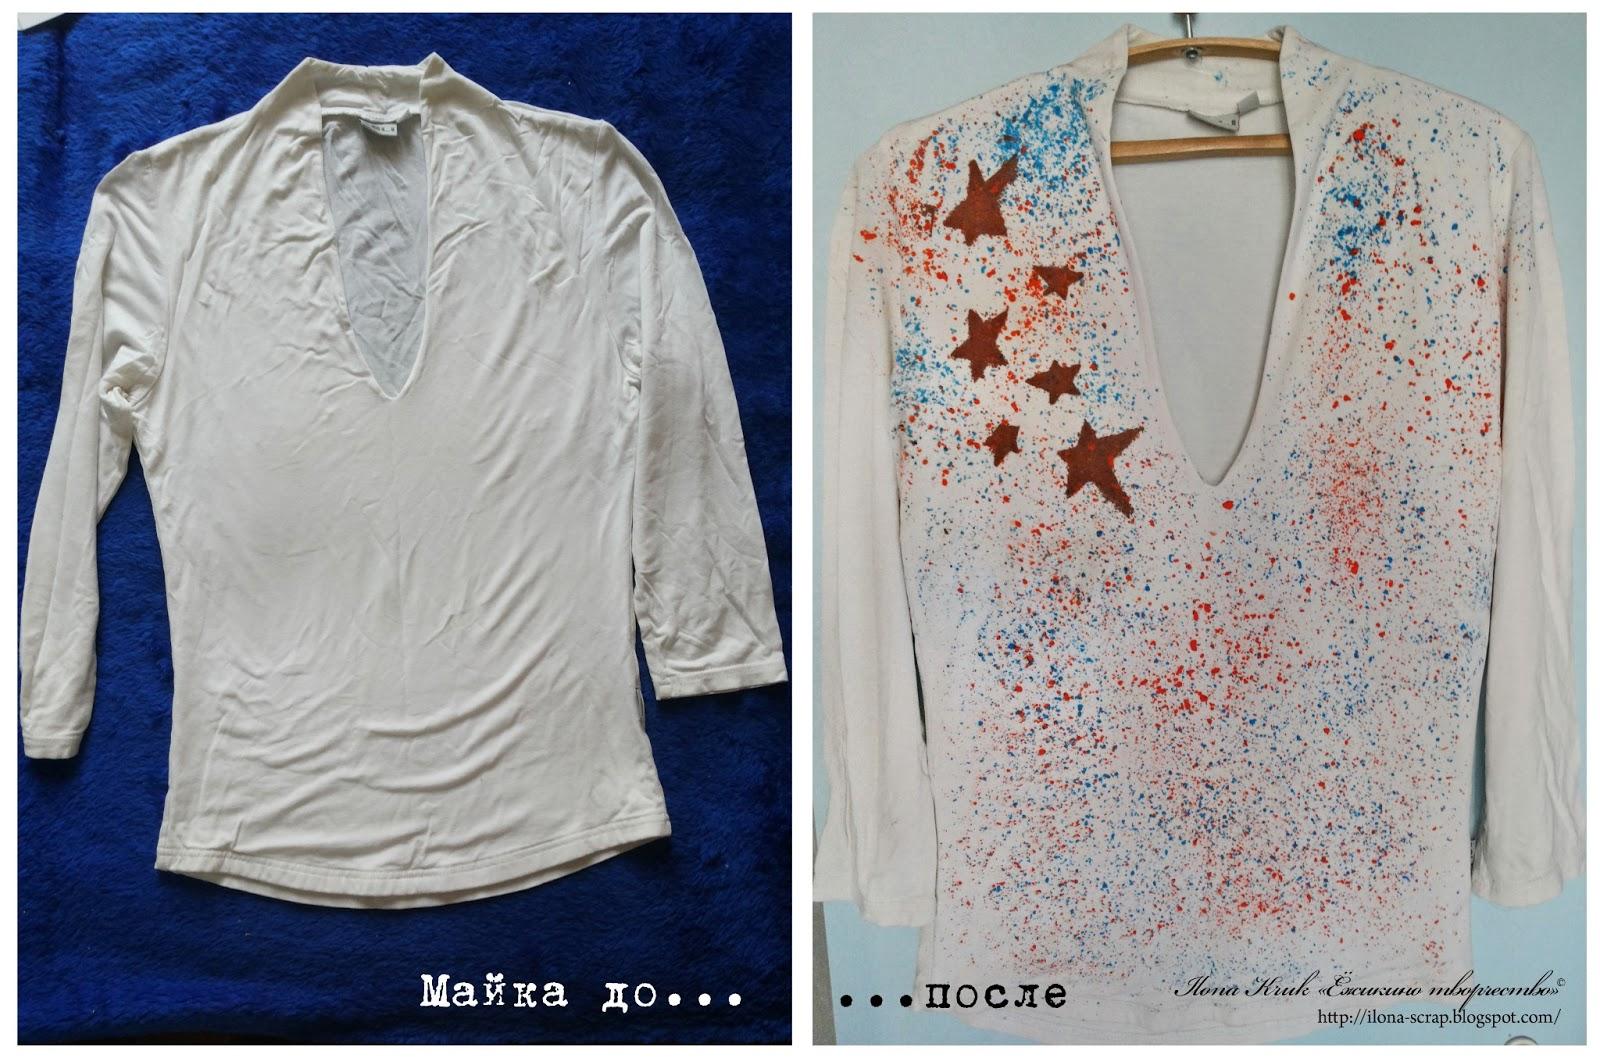 Как восковыми мелками сделать рисунок на футболке